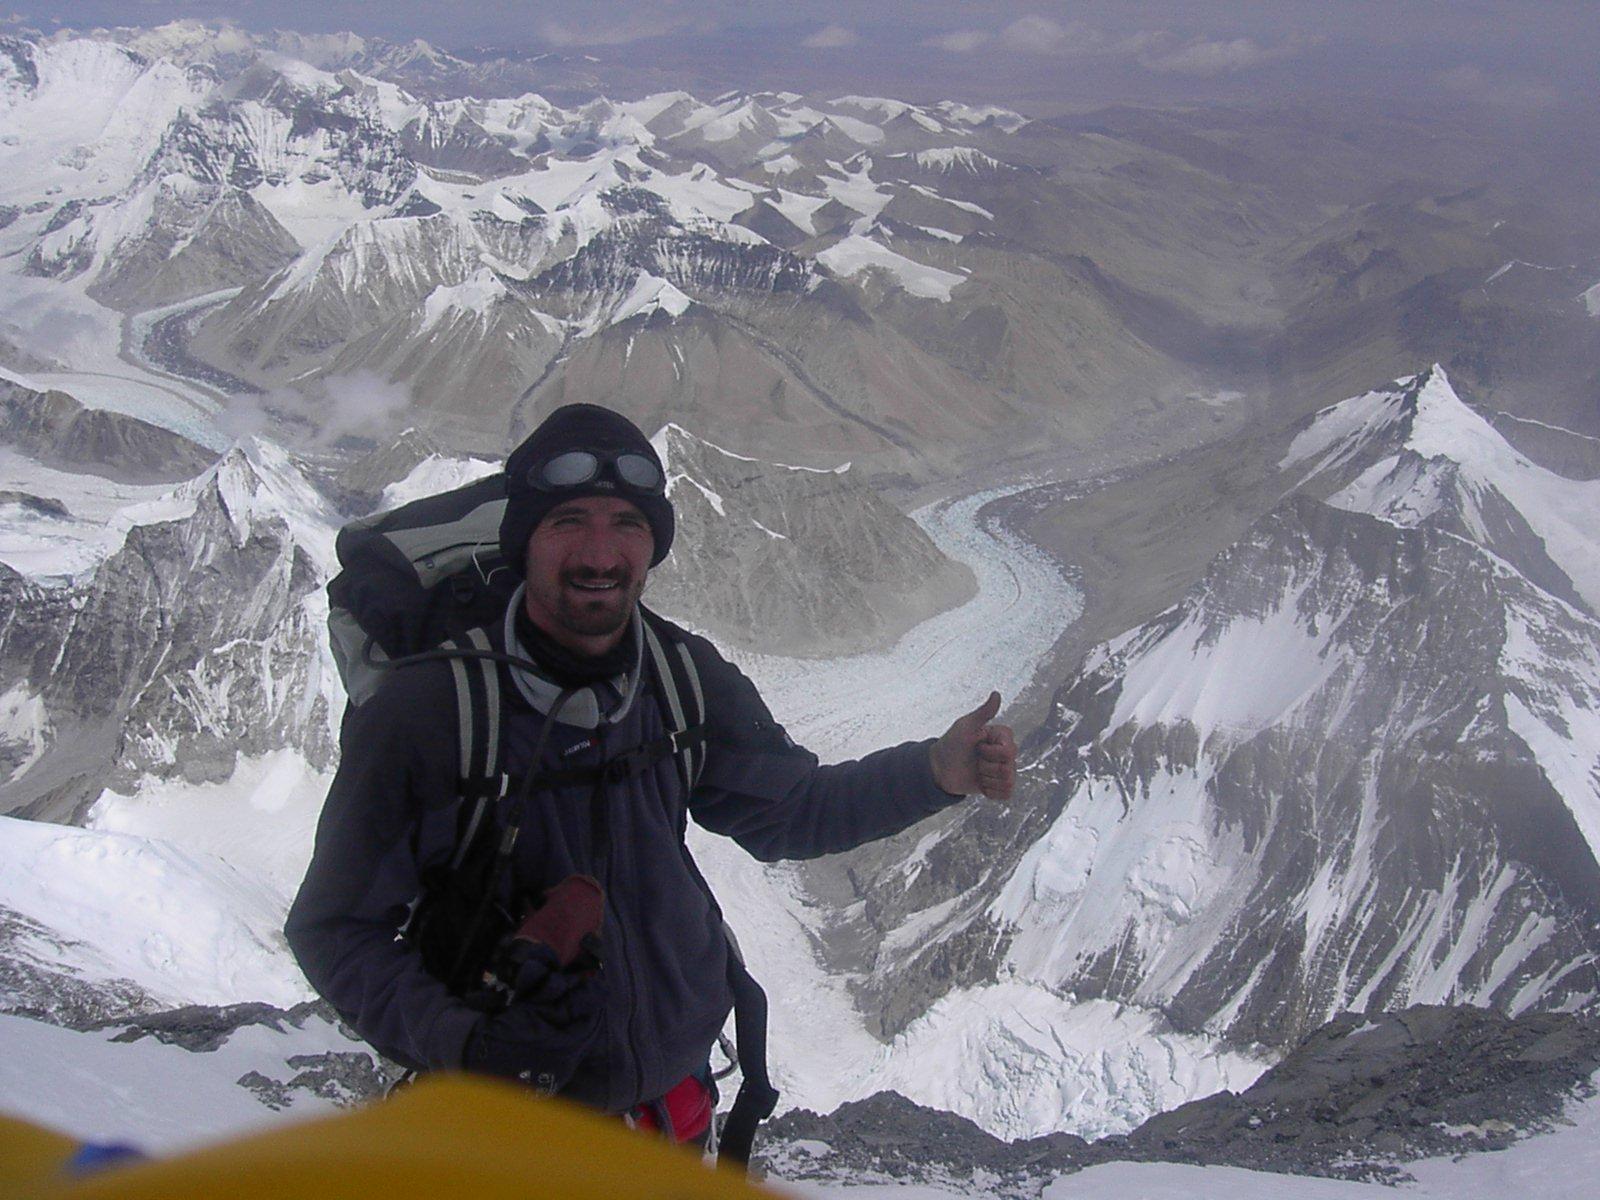 Snímek z vrcholového hřebene, 19. 8. 2005, 13:31:19